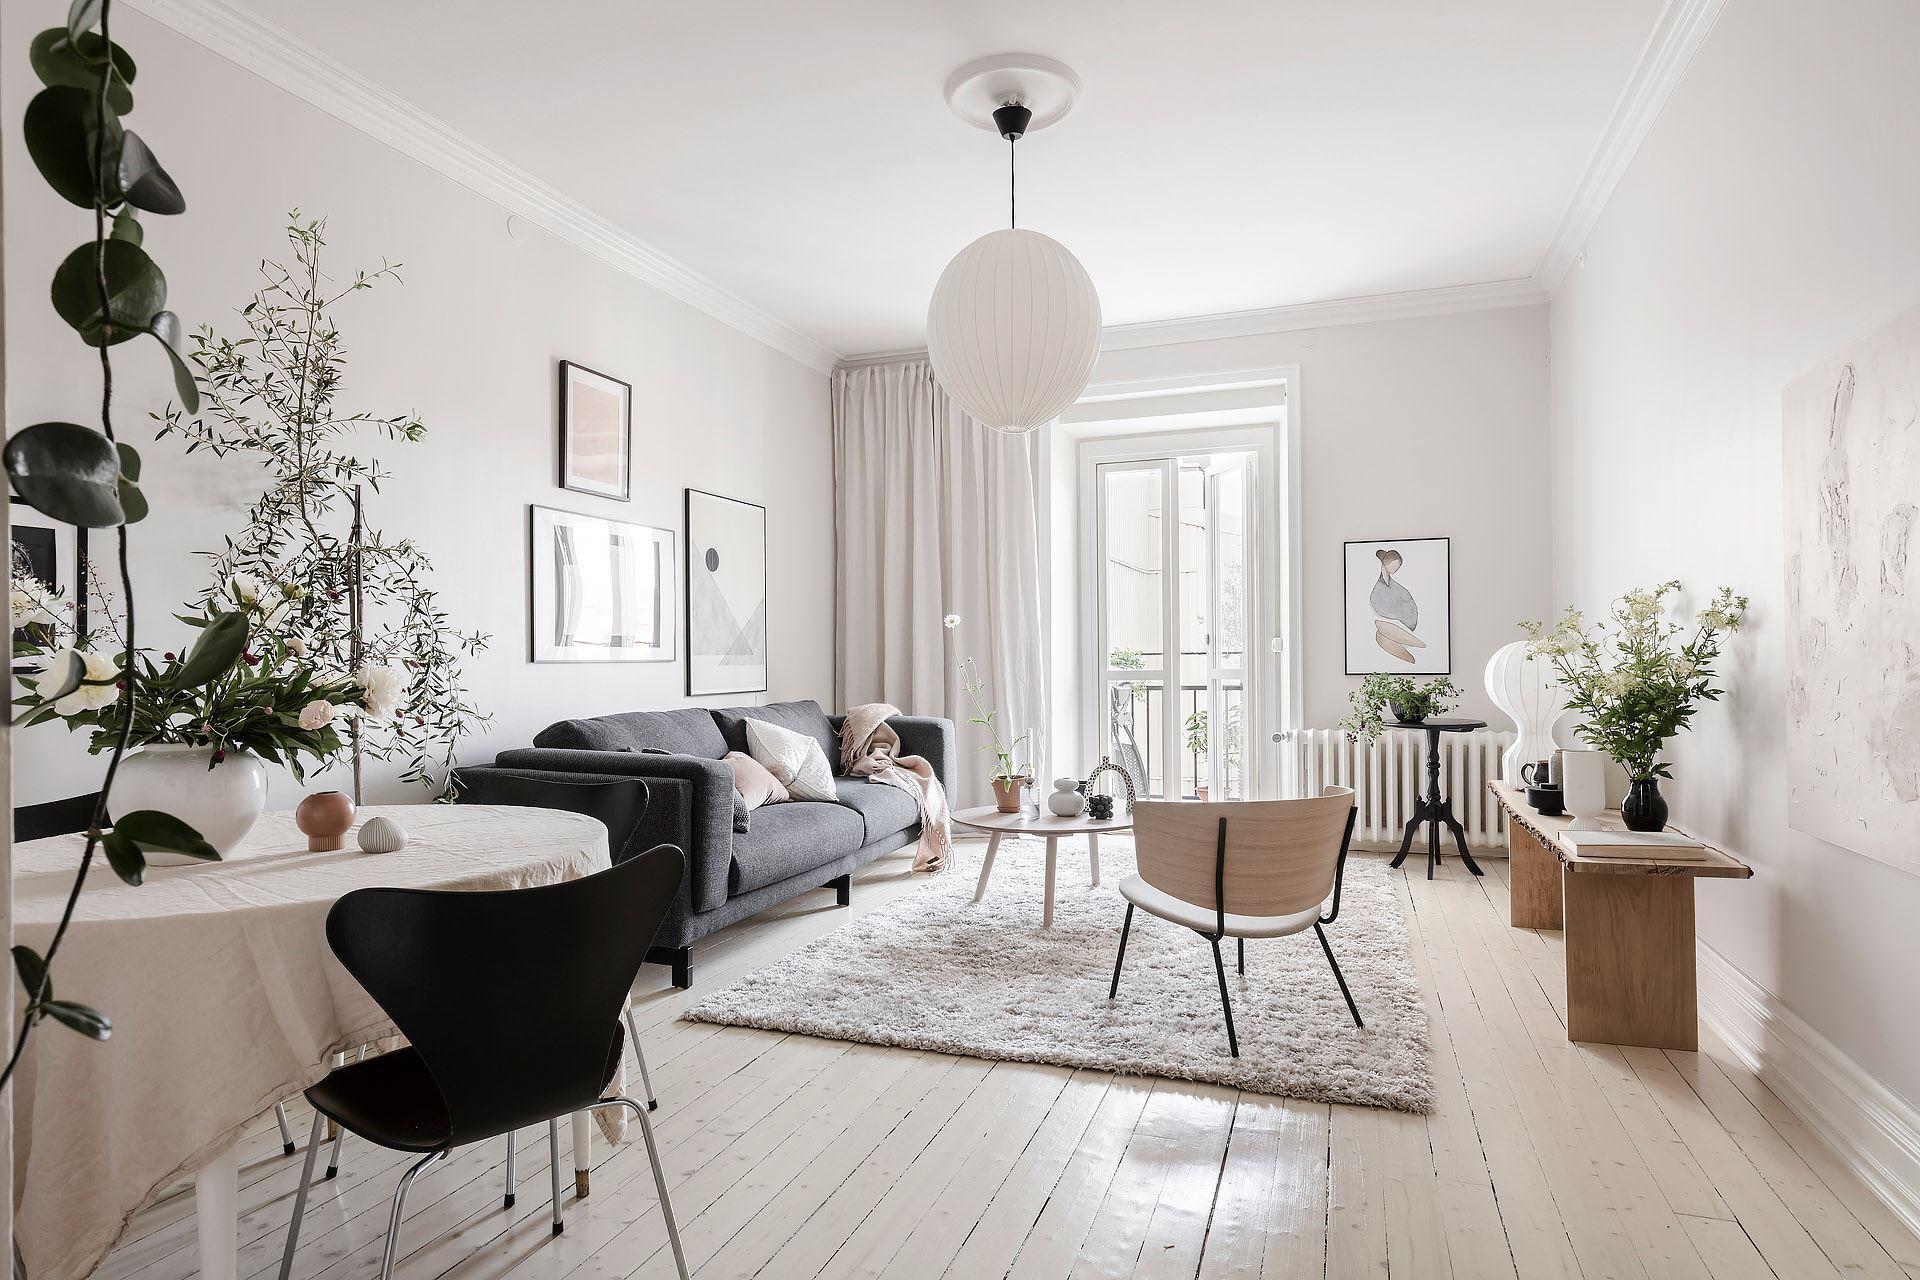 Cromatică relaxantă și decor scandinav într un apartament de 50 m² 2